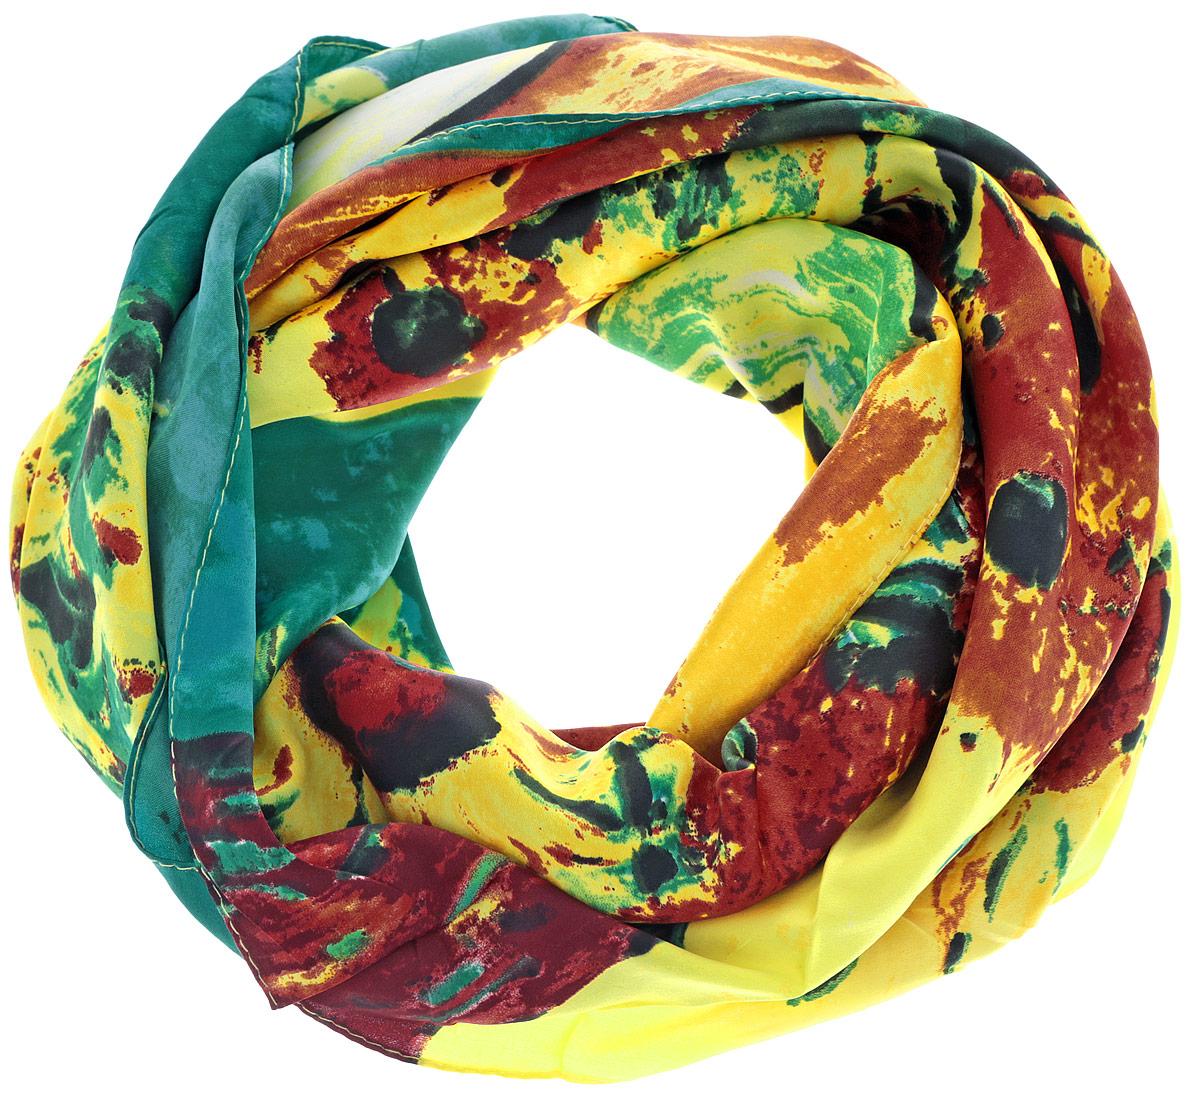 0510115241_37Стильный женский платок Sabellino станет великолепным завершением любого наряда. Платок изготовлен из полиэстера и оформлен оригинальным цветочным рисунком. Изделие прекрасно дополнит ваш гардероб и поможет создать новые и свежие образы. Женственный аксессуар для креативных и творческих девушек!